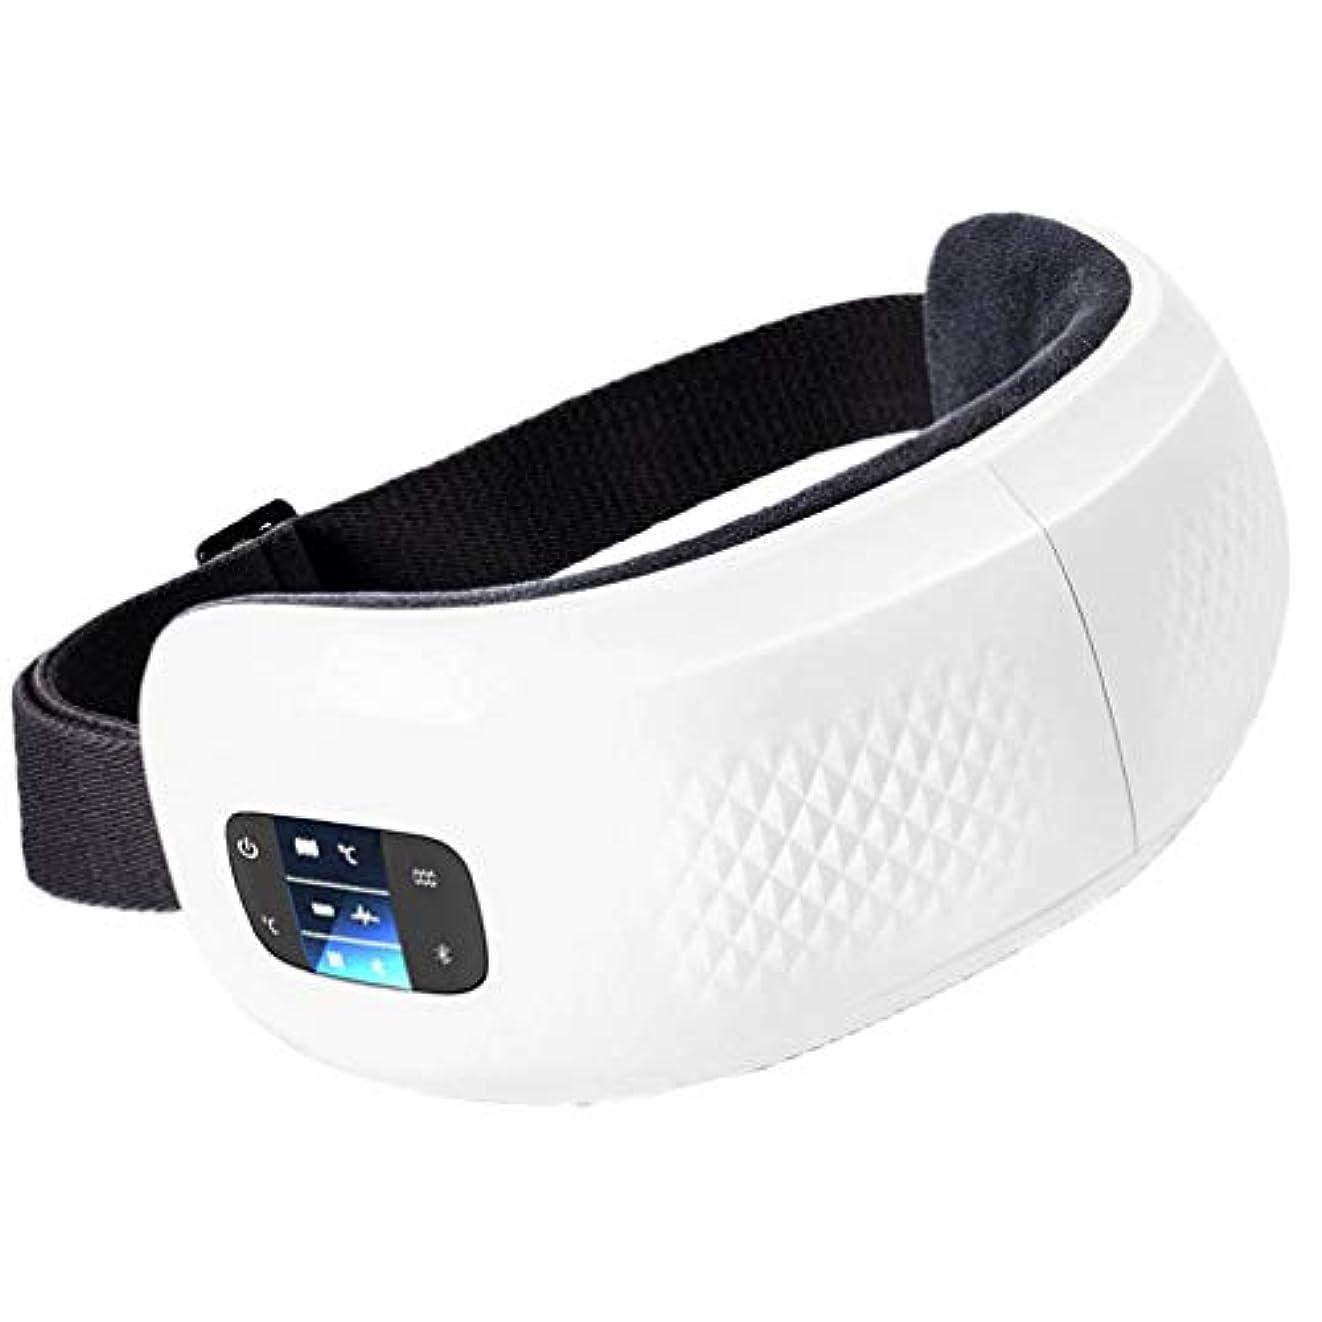 弁護人留まる入場折り畳み式のワイヤレス電動アイマッサージャー振動マッサージ、熱/音楽/空気圧縮機能で目をリラックスさせ、くまや頭のストレスを軽減